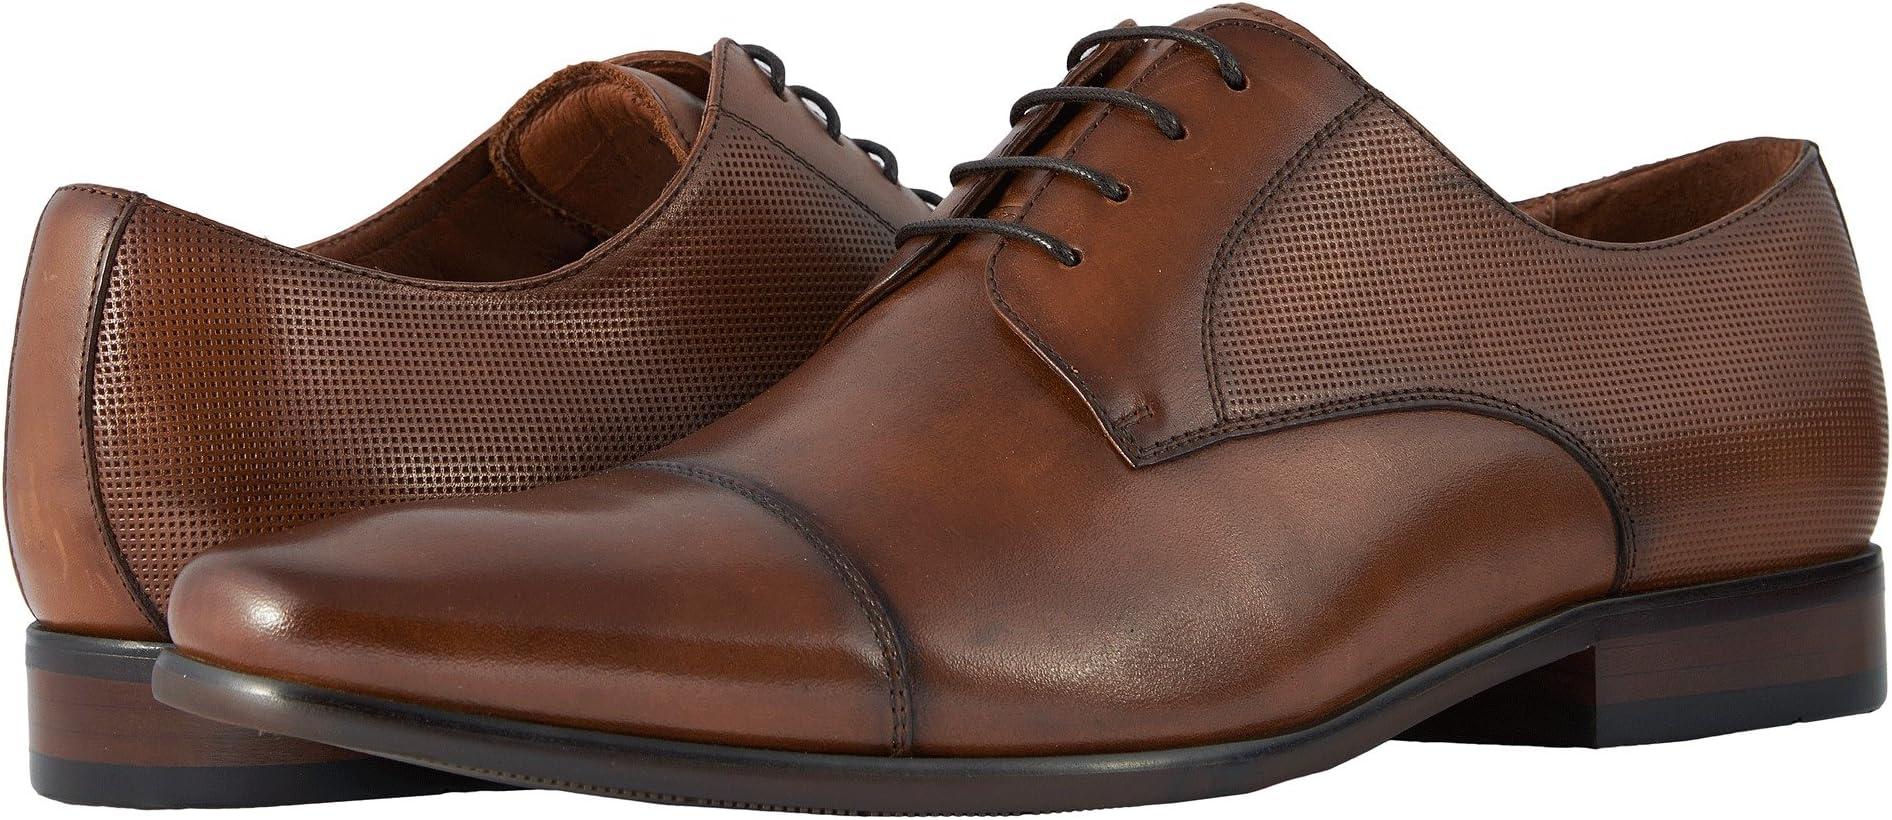 6e4948e11ace0 Florsheim Shoes | Free Shipping | Zappos.com